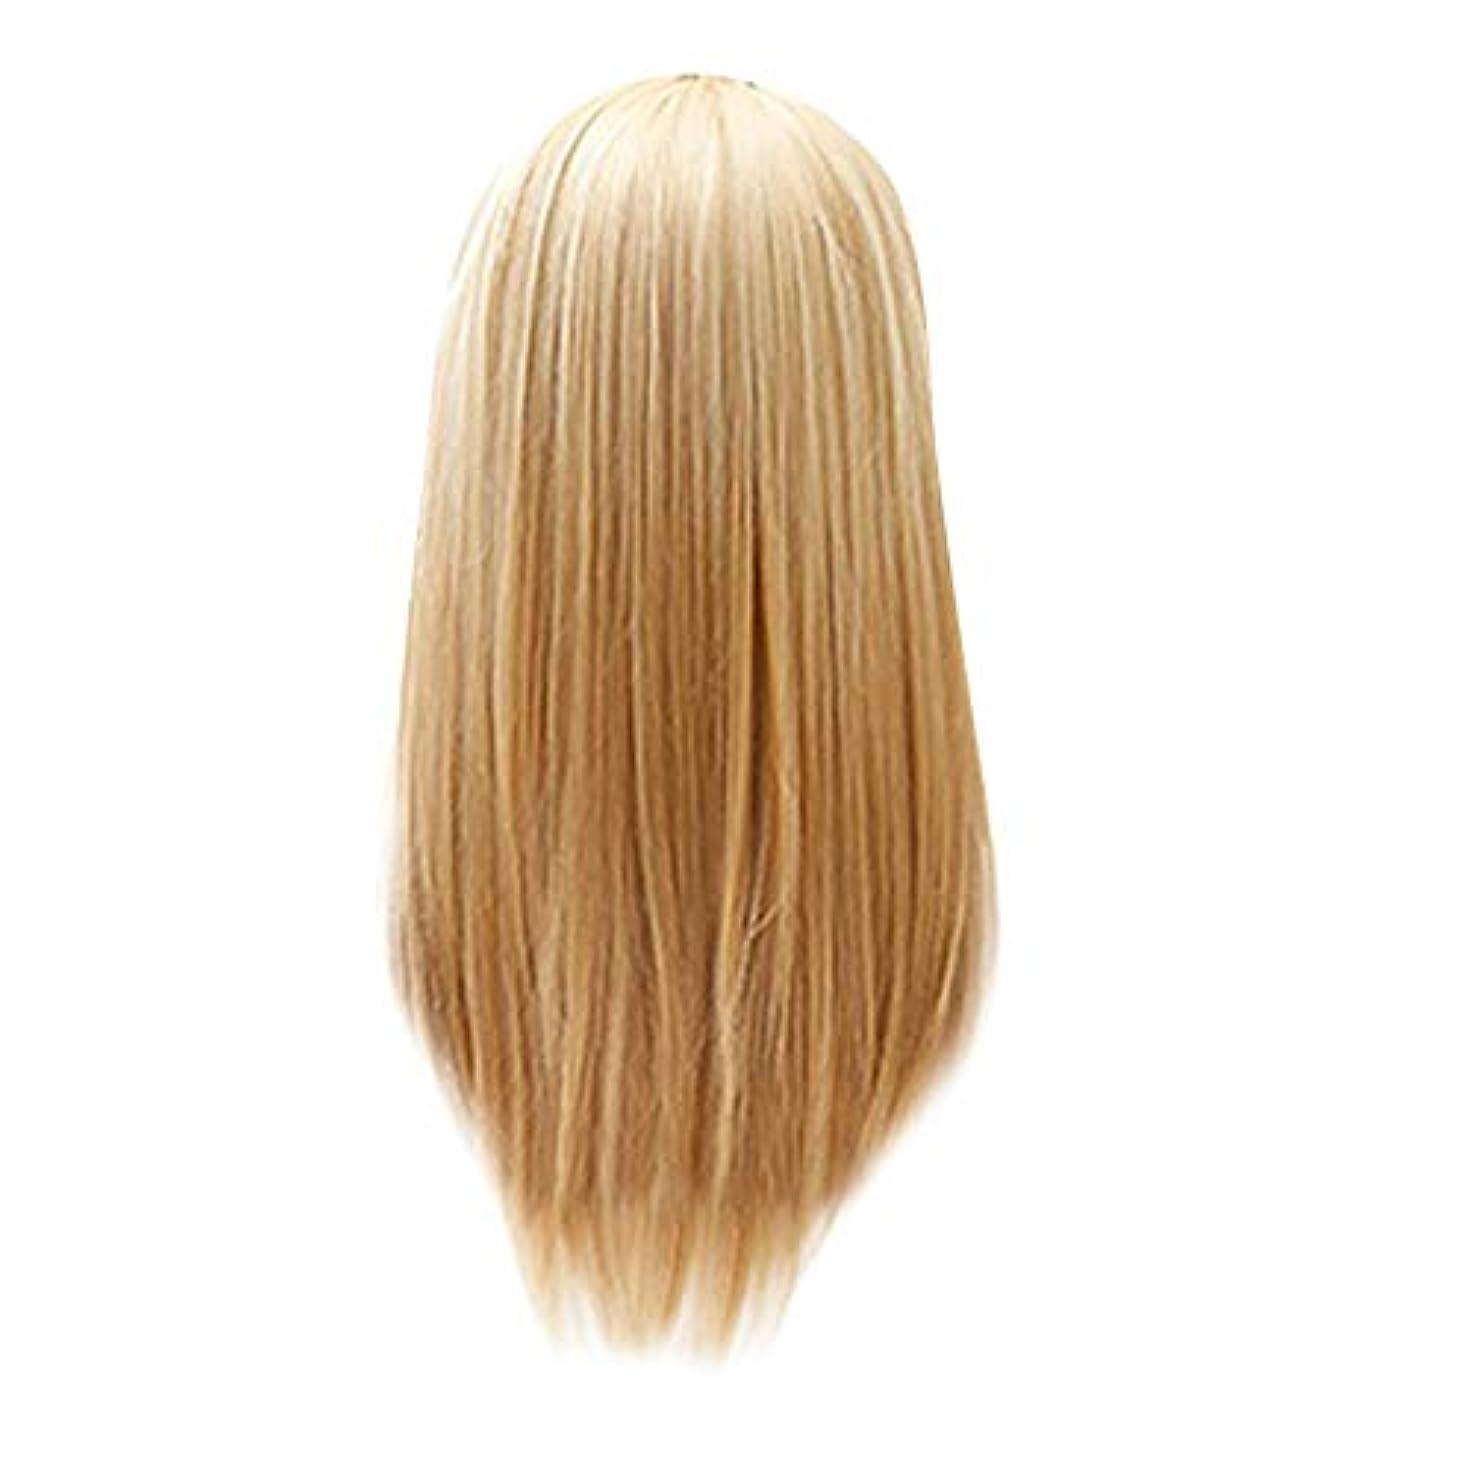 大臣即席対人レディースゴールドロングストレートヘアウィッグセクシーファッション25